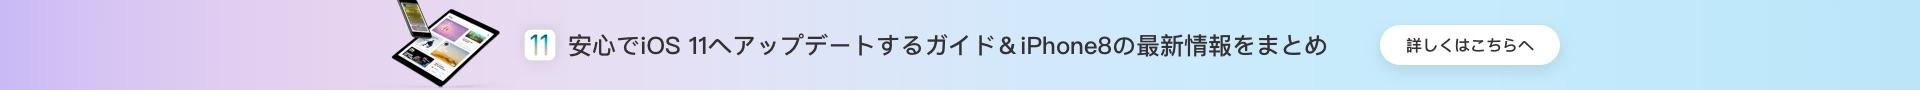 iOS 11アップデート